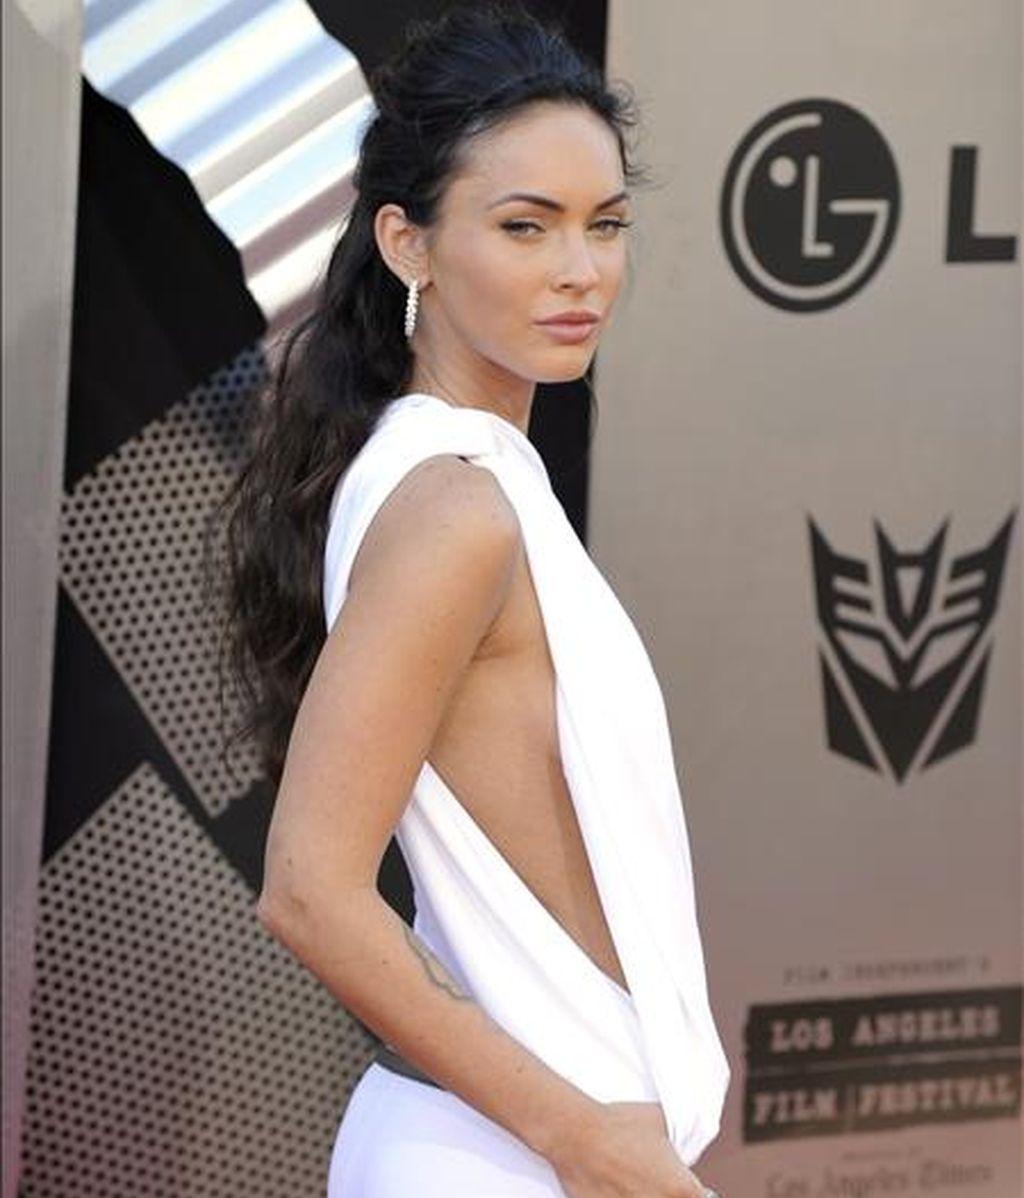 La actriz estadounidense Megan Fox posa para los fotógrafos a su llegada al estreno de 'Transformers: la revancha de los caídos' en Los Ángeles, Estados Unidos el pasado 22 de junio. EFE